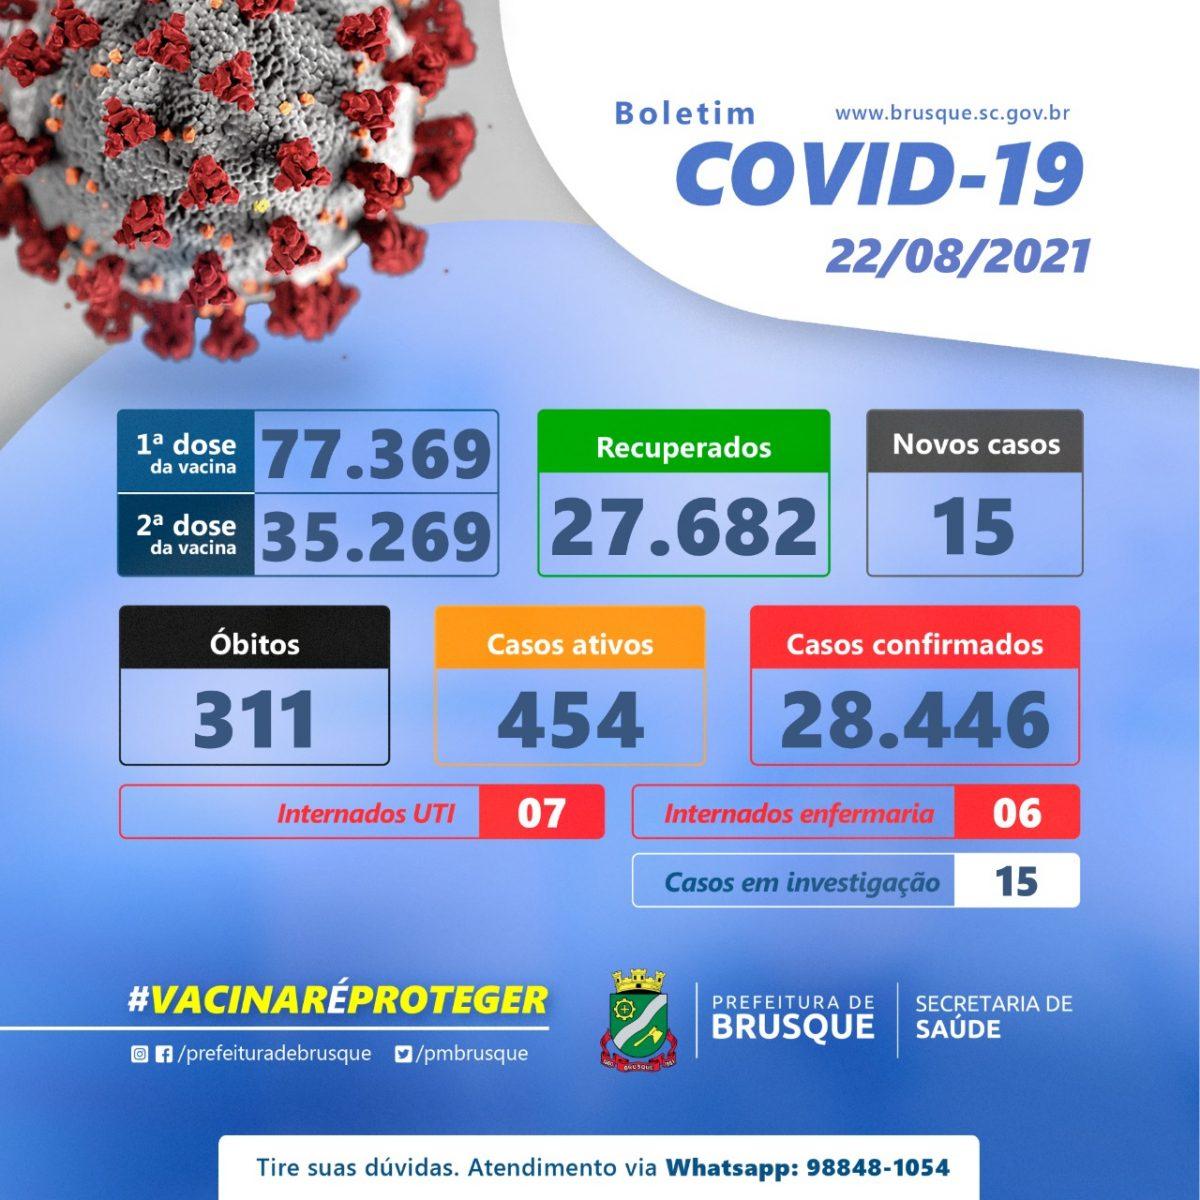 Covid-19: Confira o boletim epidemiológico deste domingo (22)